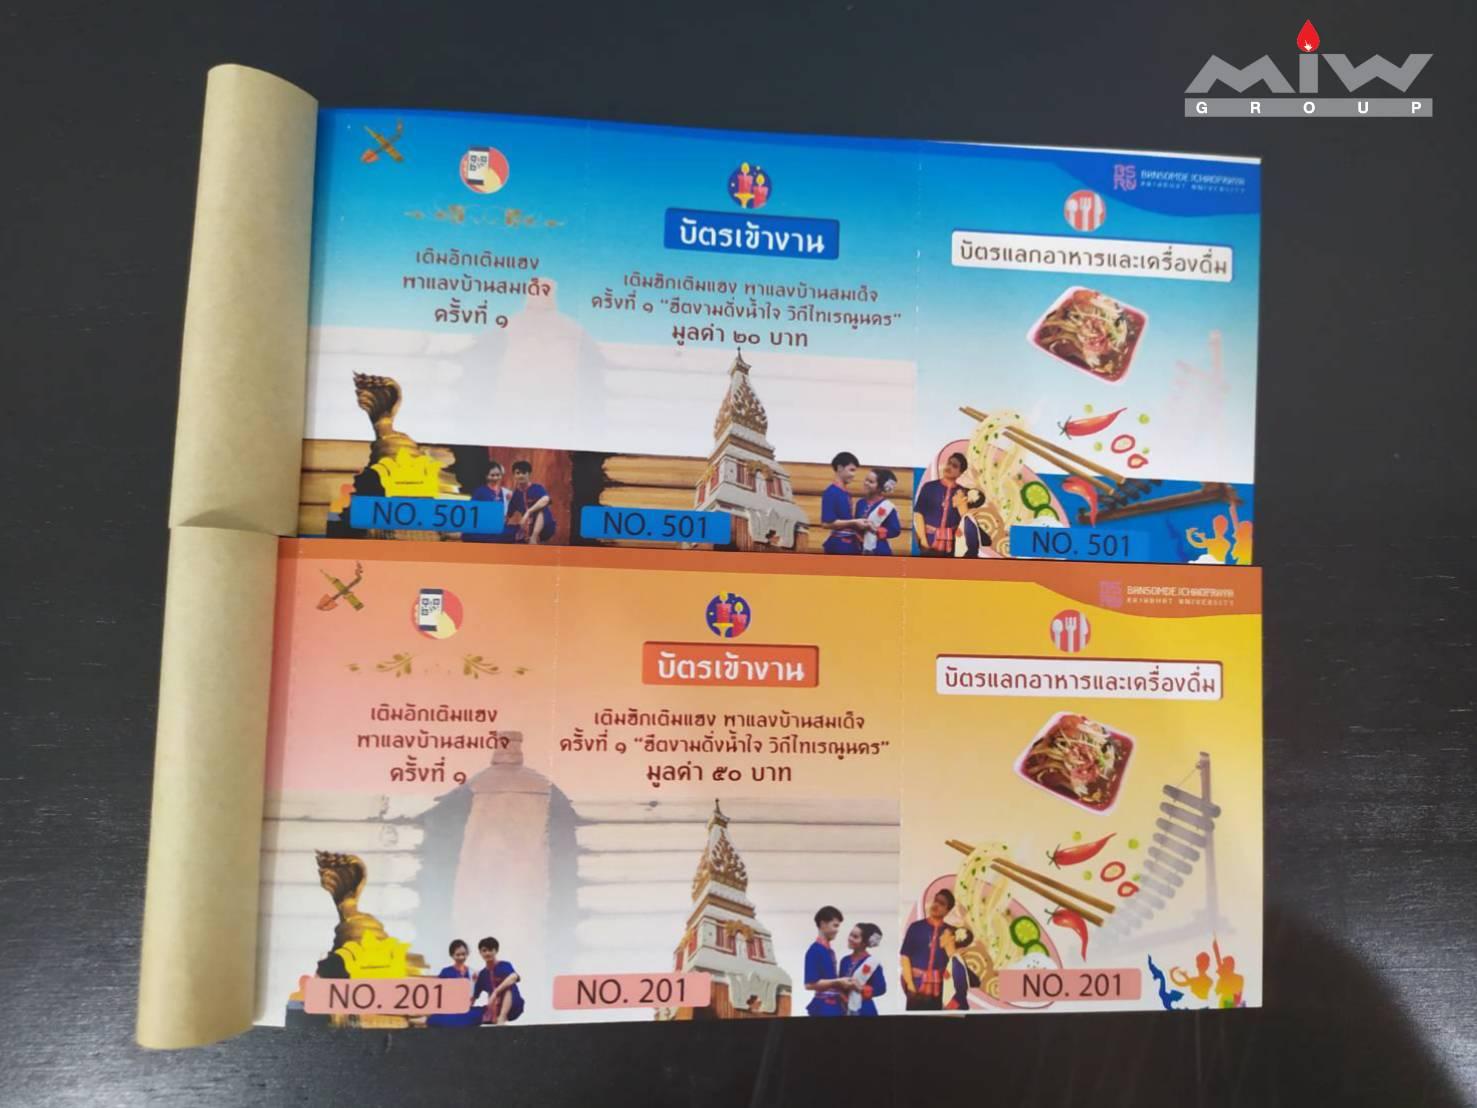 234190 - งานคูปองบัตรเข้างานเติมฮักเติมแฮง พาแลงบ้านสมเด็จ